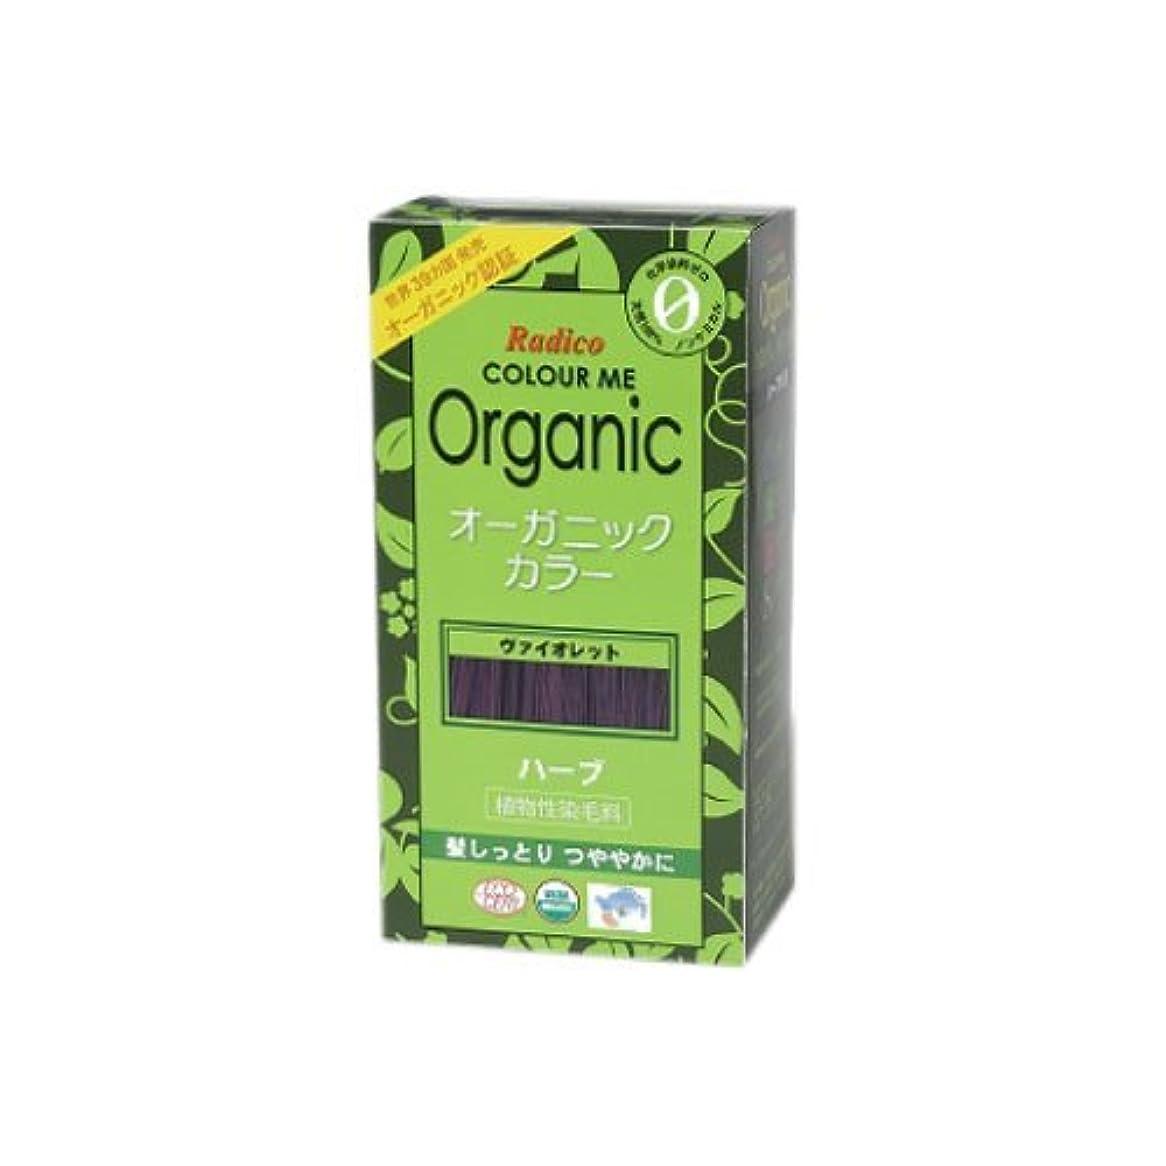 ネブ哲学博士敷居COLOURME Organic (カラーミーオーガニック ヘナ 白髪用 紫色) ヴァイオレット 100g